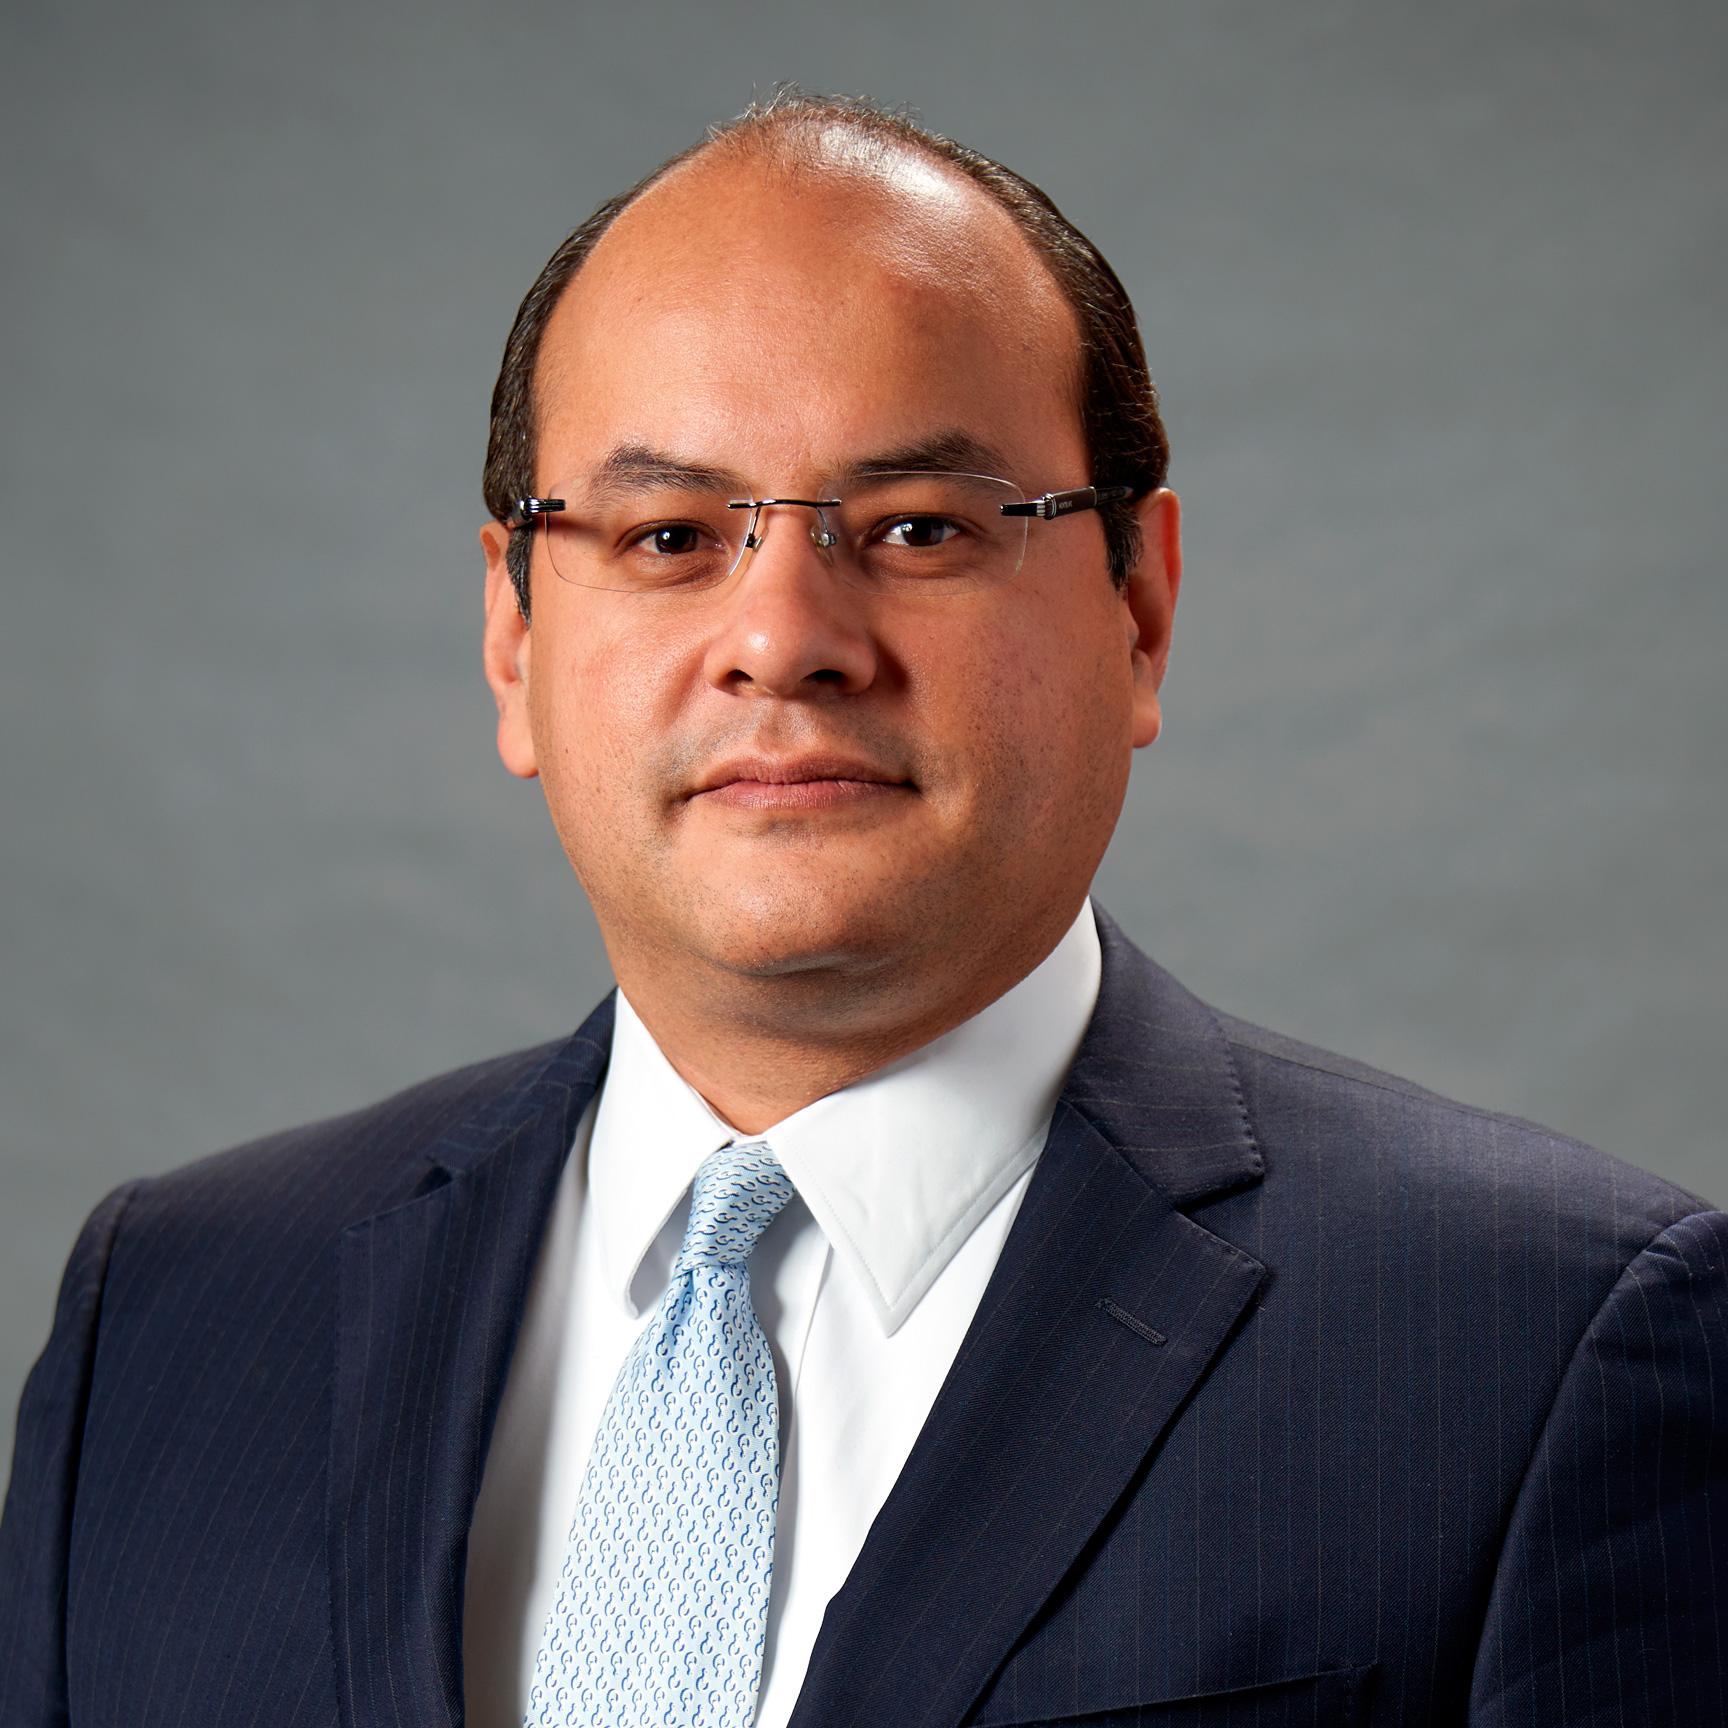 Víctor Alejandro Hernández Morales, Director de Administración y Finanzas